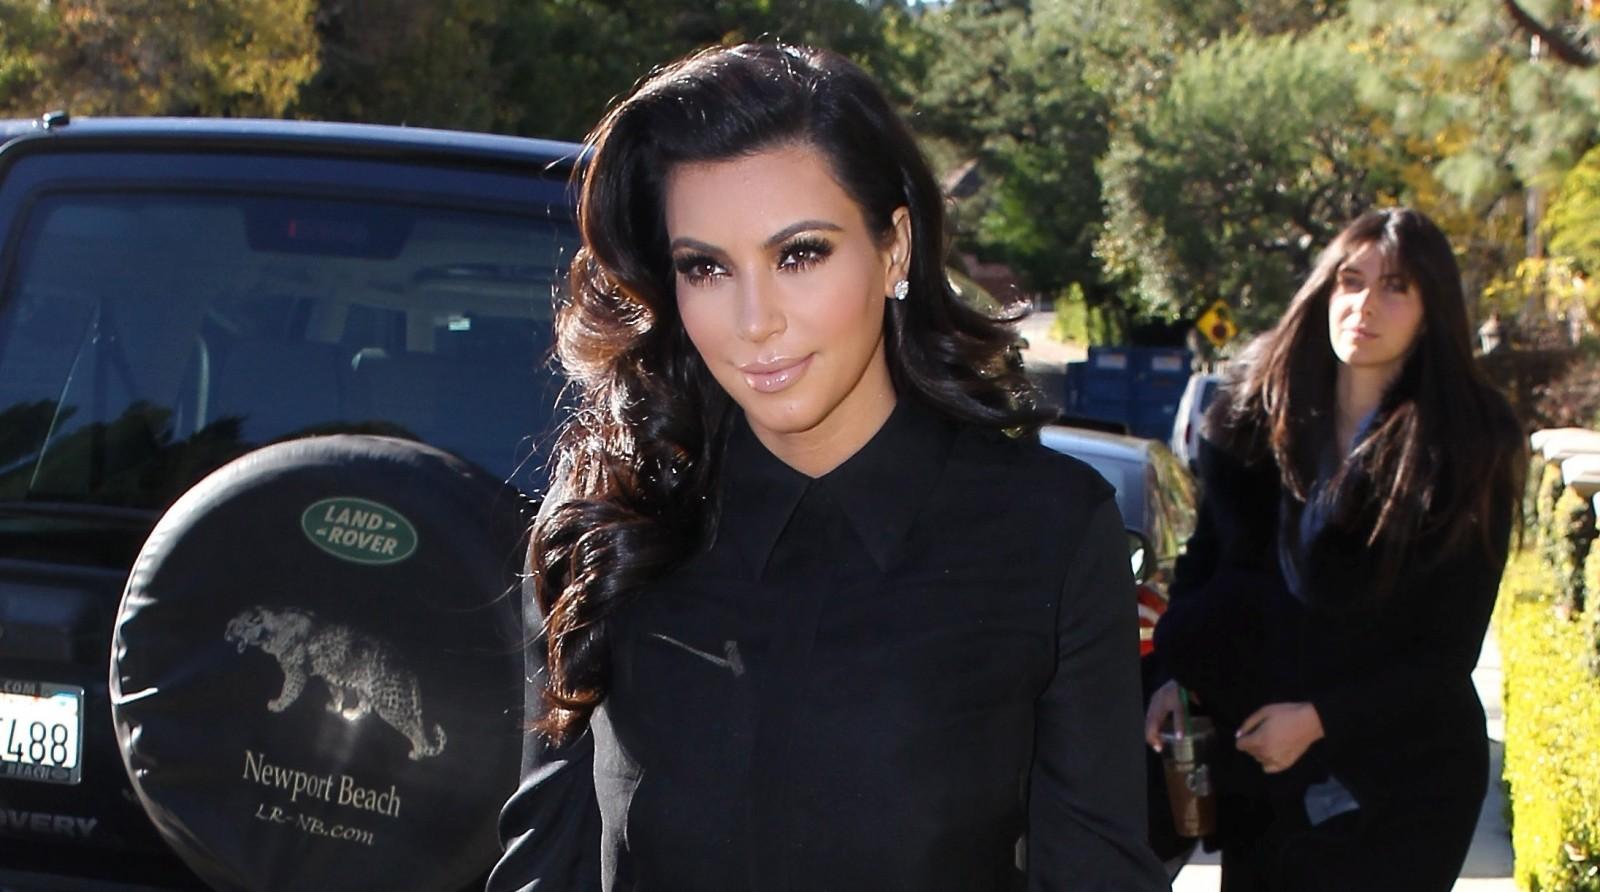 http://3.bp.blogspot.com/-nb2i9v7p8YI/UW91KaEqWBI/AAAAAAAAAwk/DnIj_SWC84g/s1600/Kim+Kardashian+Pregnant+2013+Wallpapers+1600X1000.jpg